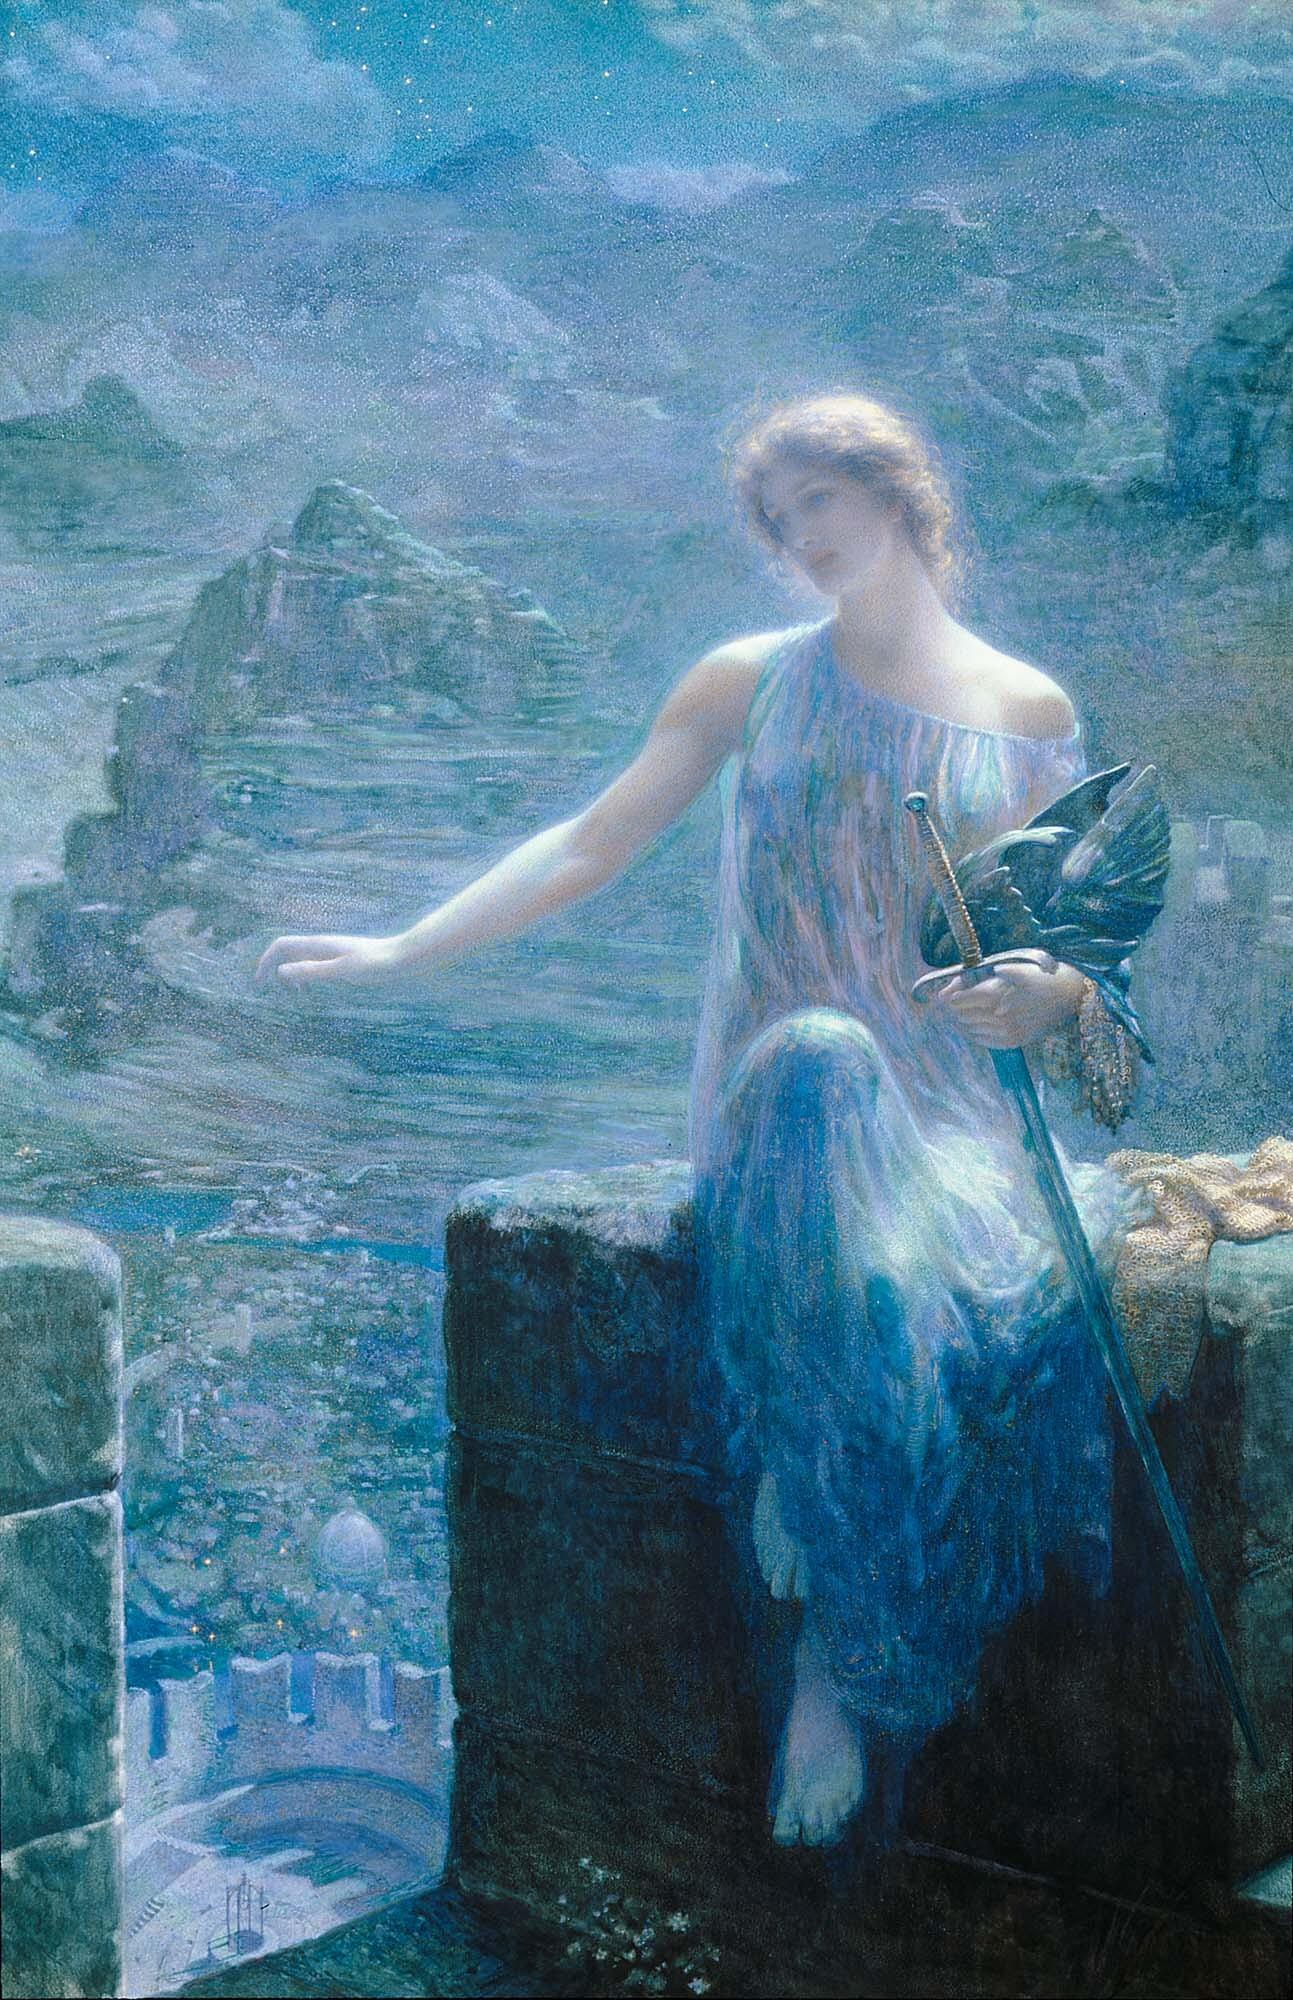 Depiction of Valquiria